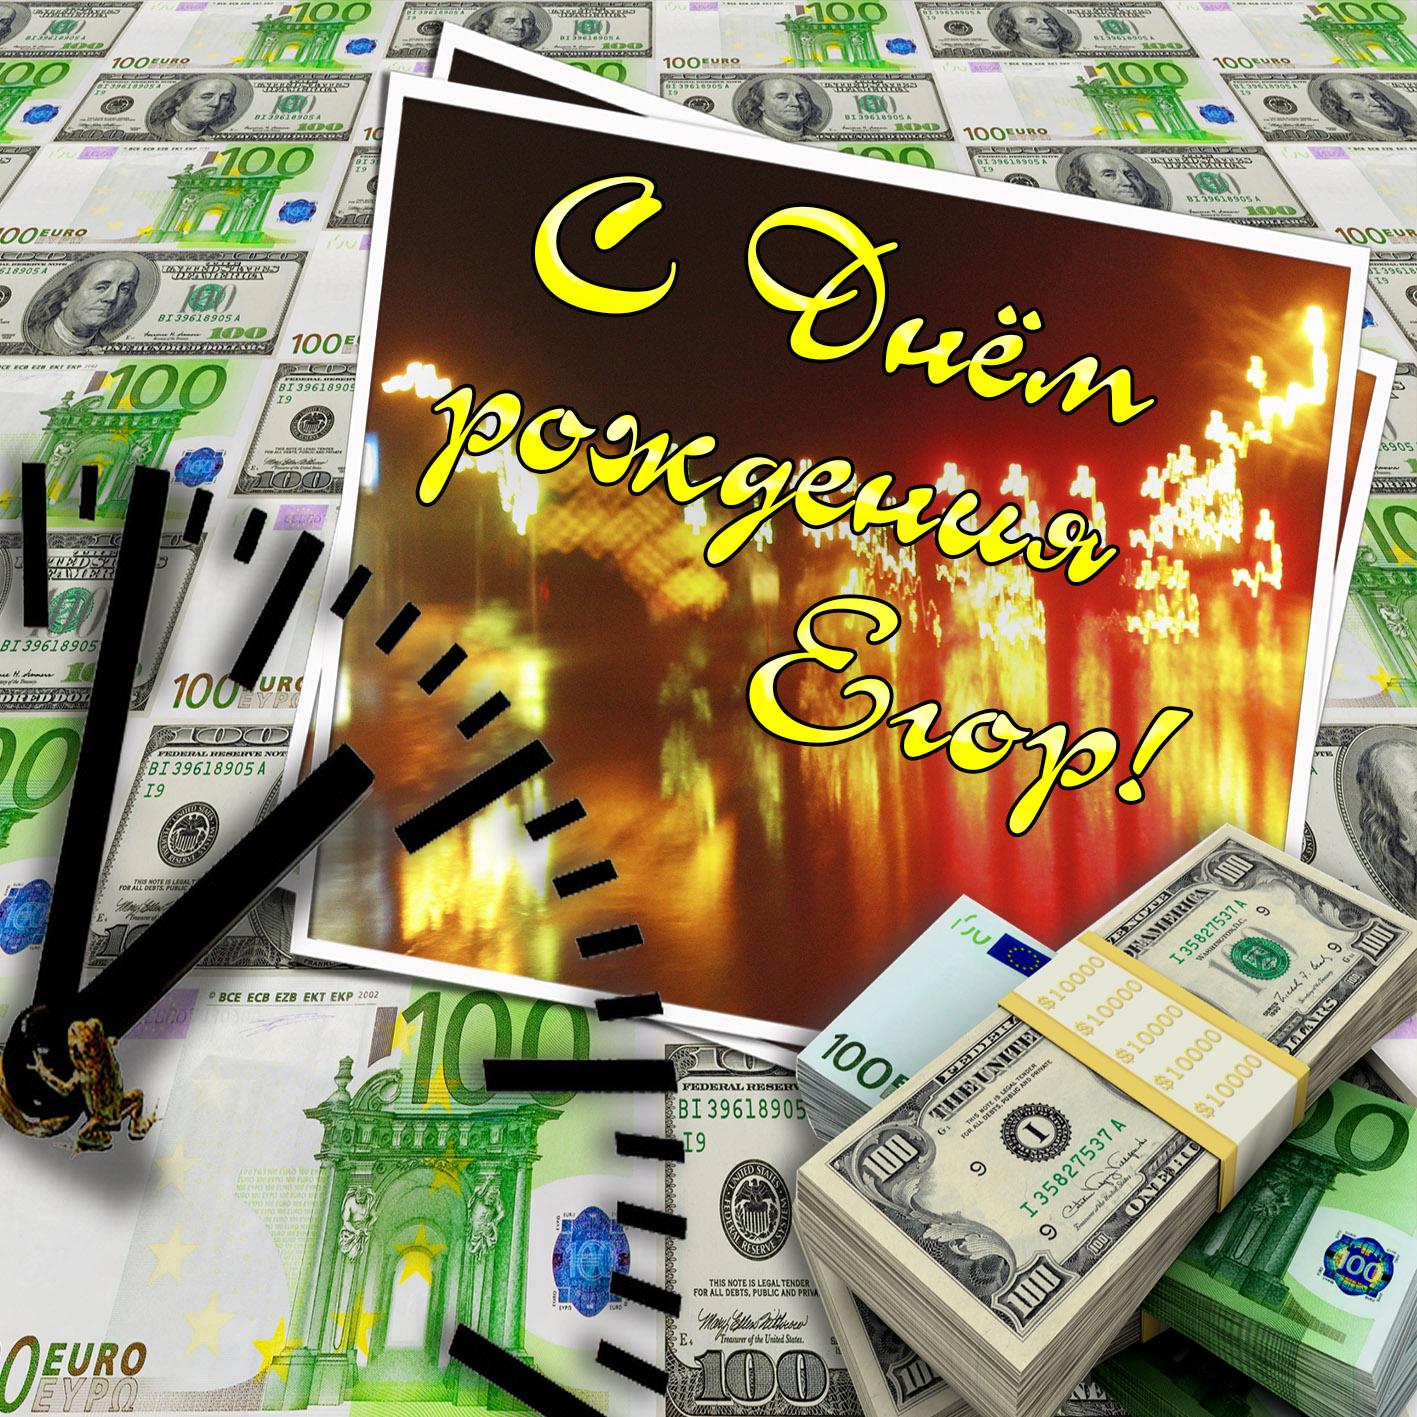 Поздравления к открытке с деньгами, своими